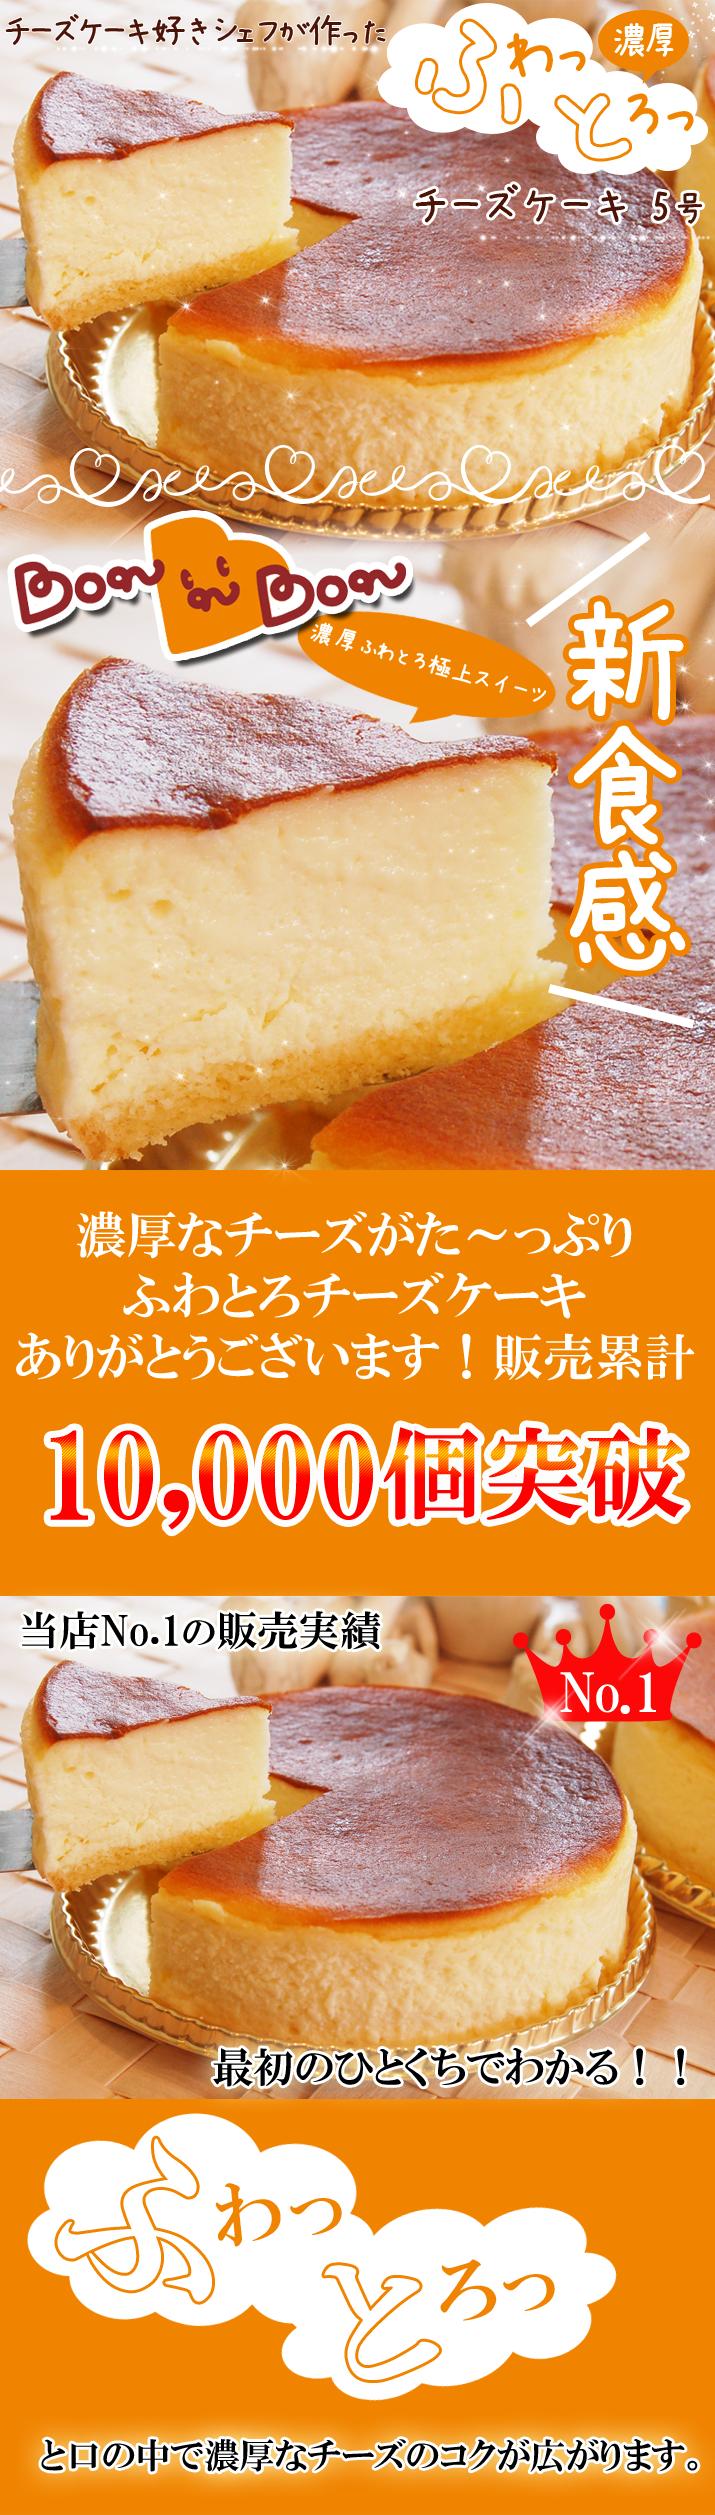 ふわっとろっ濃厚チーズケーキ5号